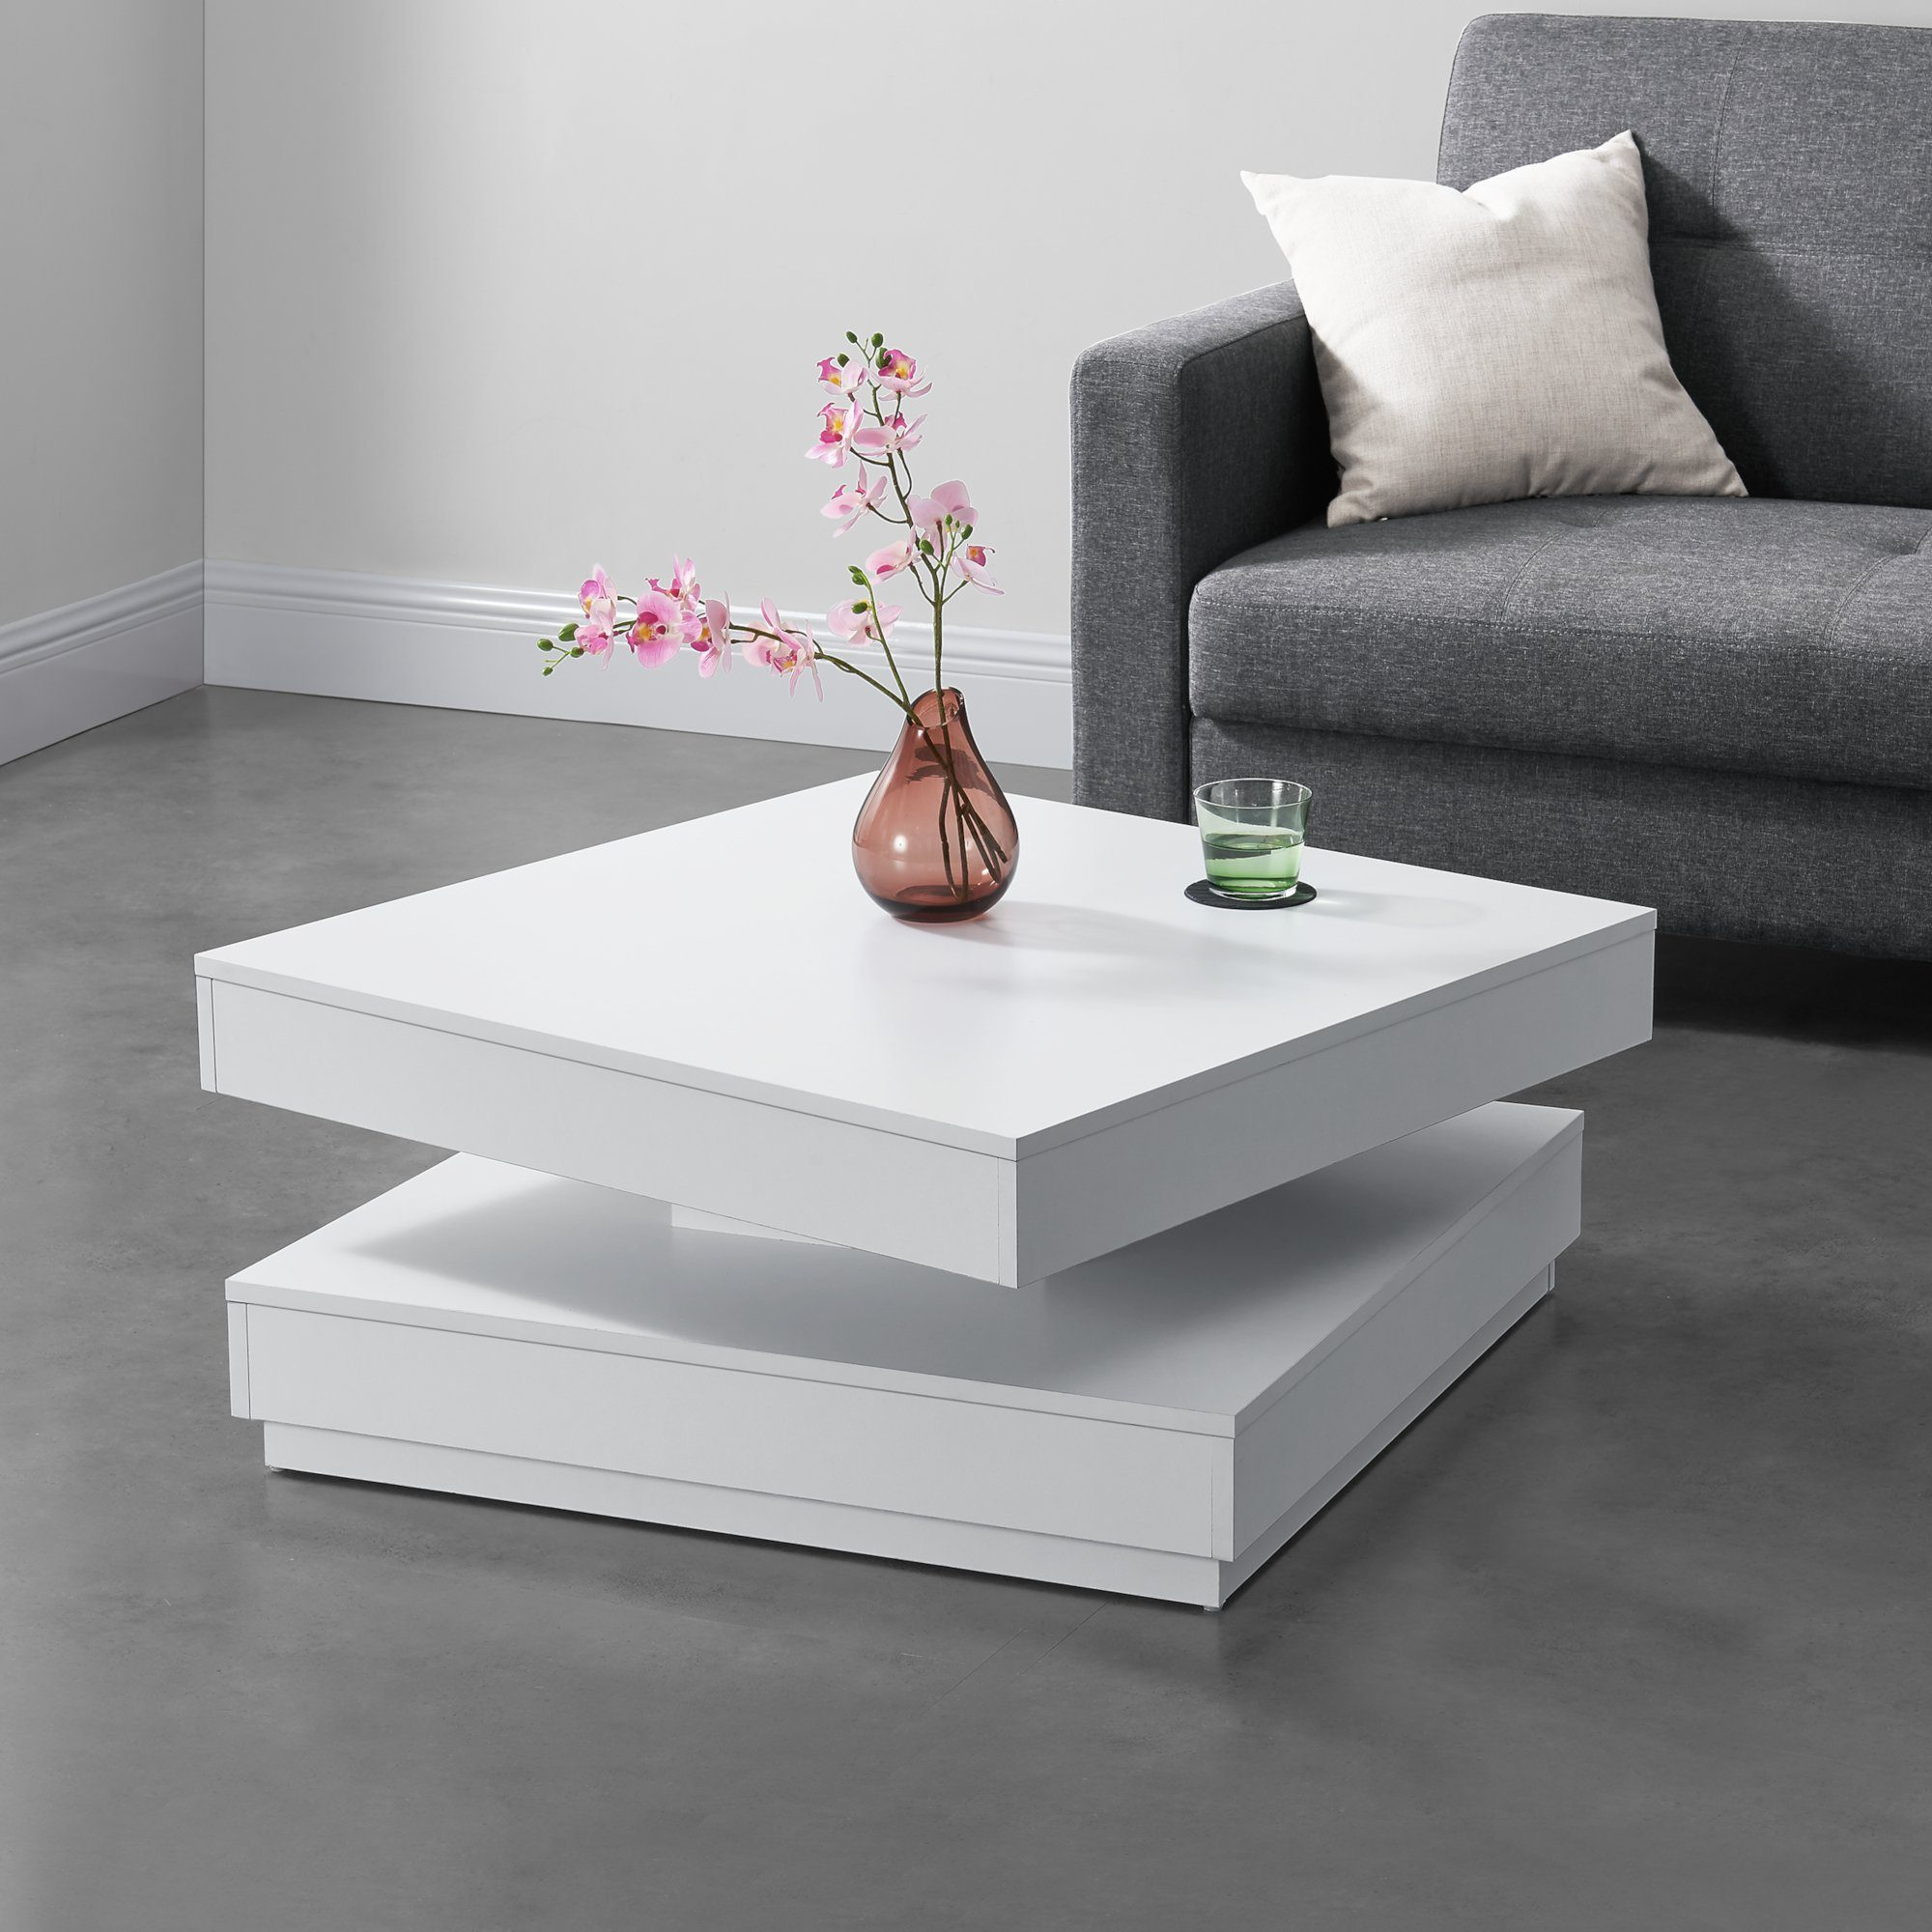 en.casa Couchtisch, »Florenz« Beistelltisch drehbar 76x76x38cm weiß online kaufen | OTTO